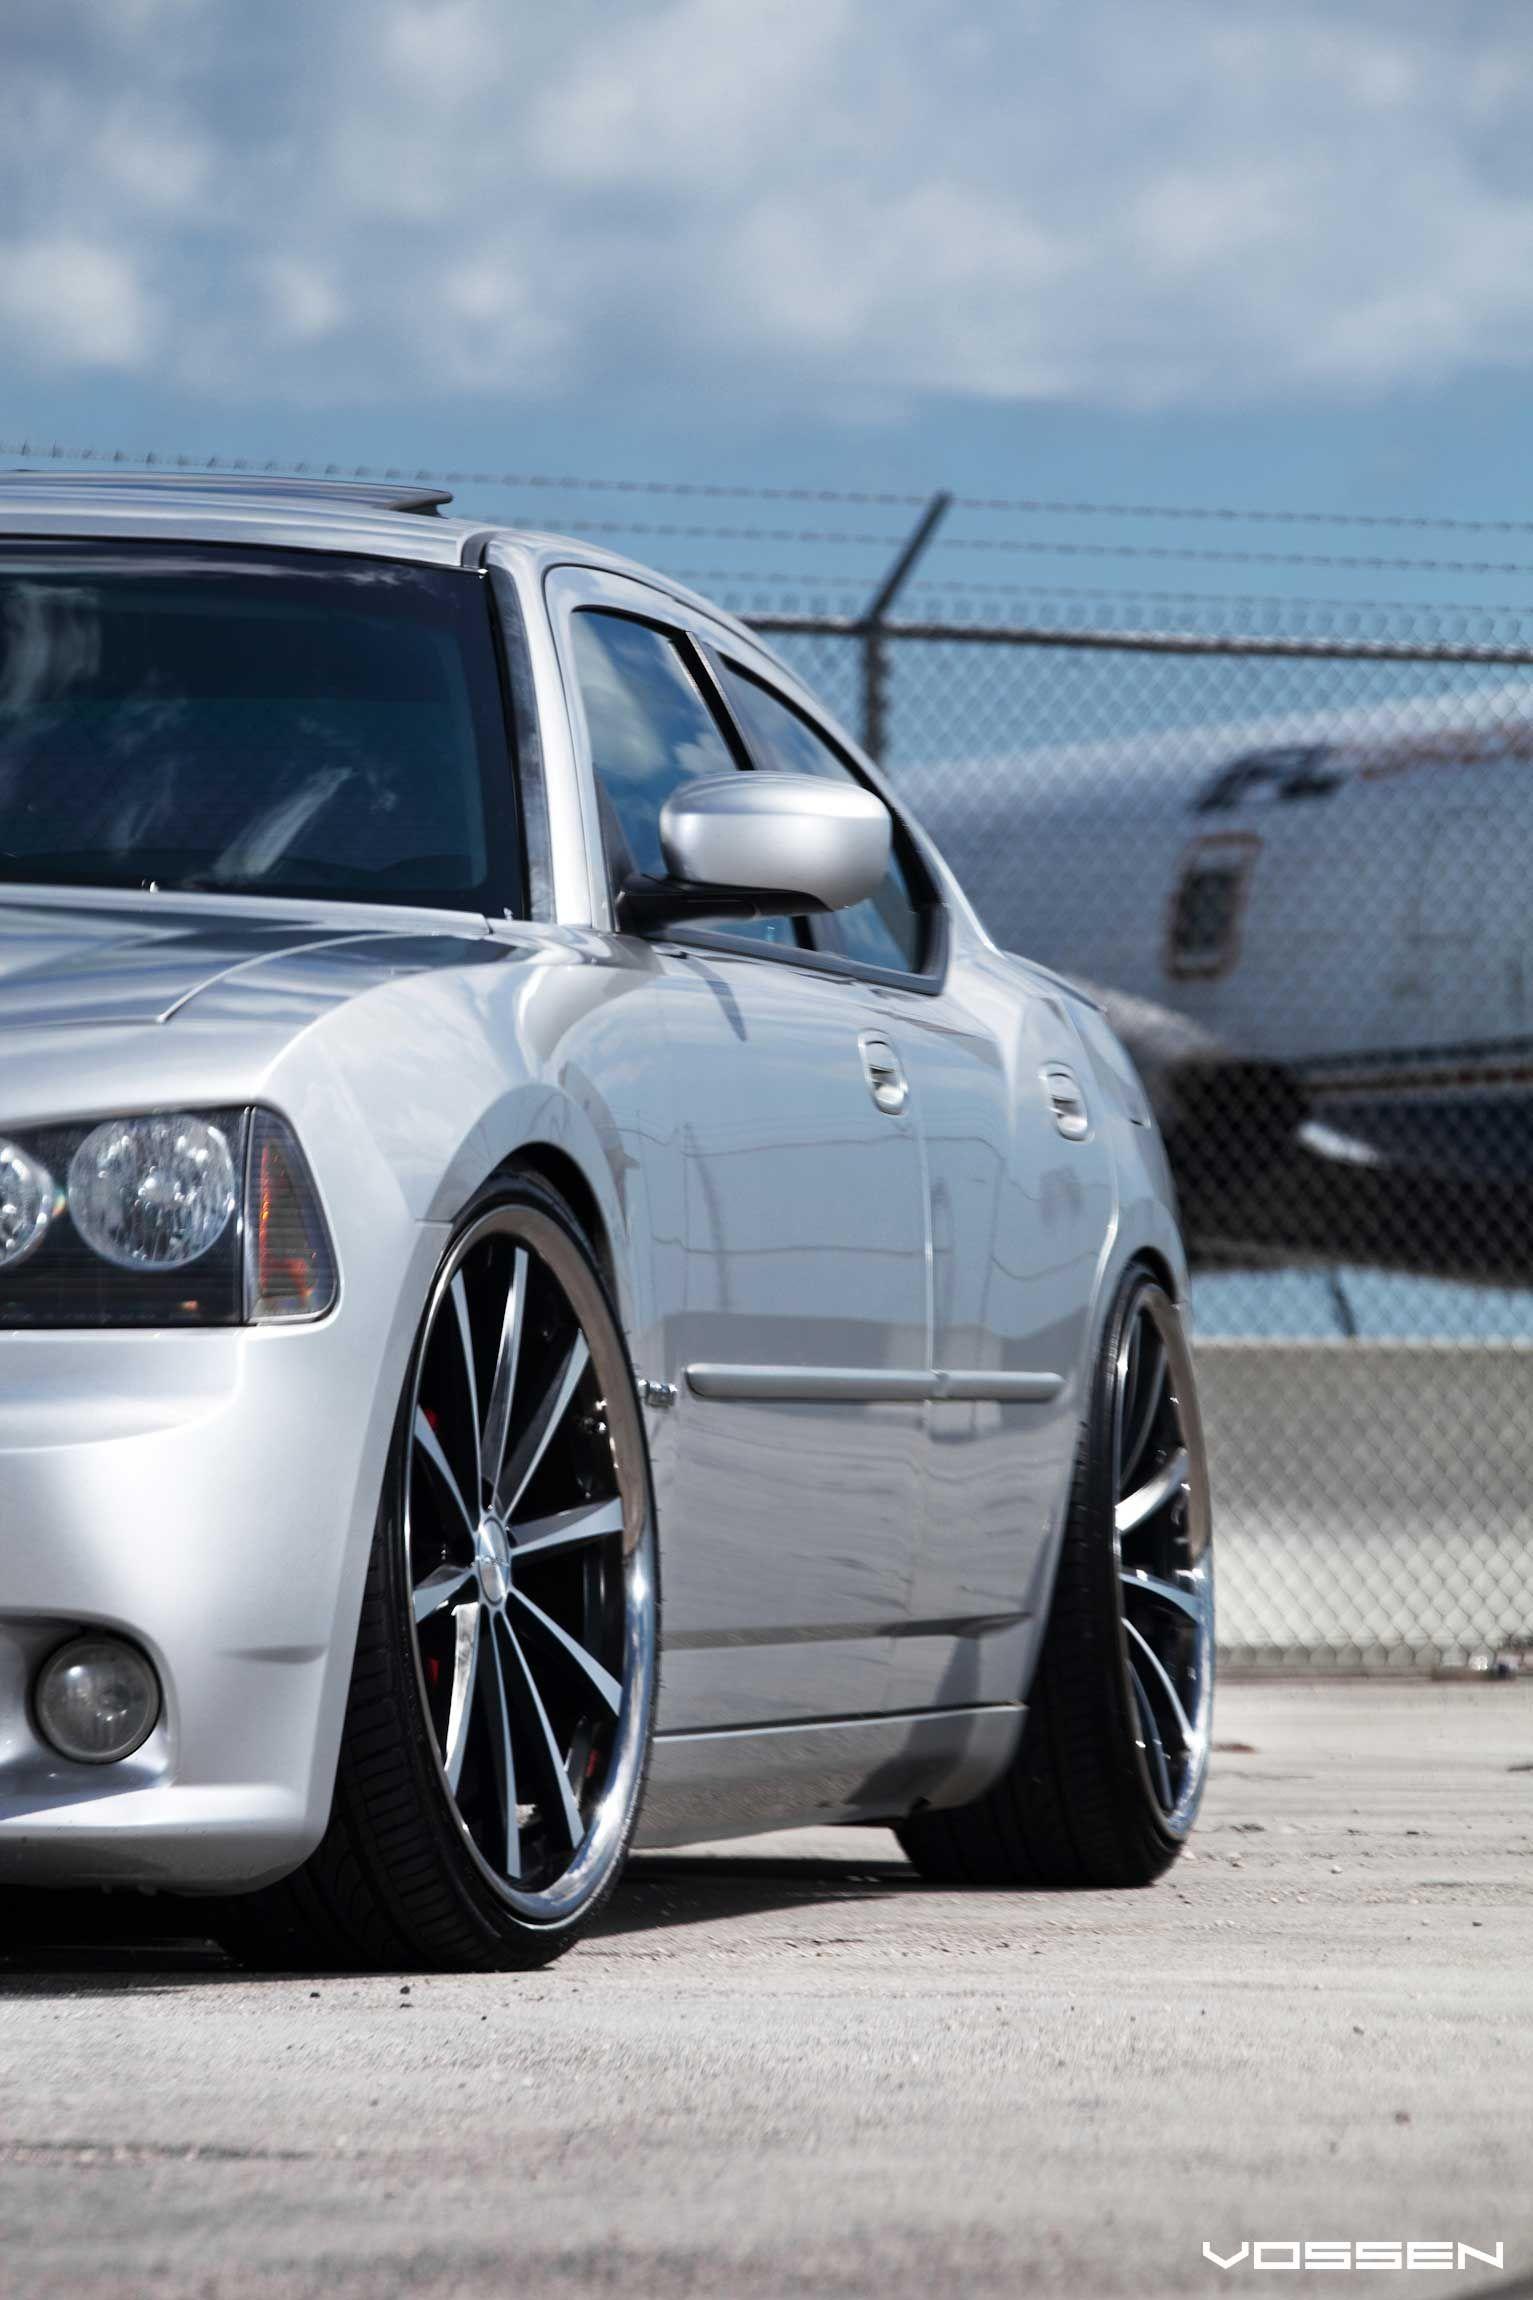 Charger Srt8: Dodge Charger Srt8